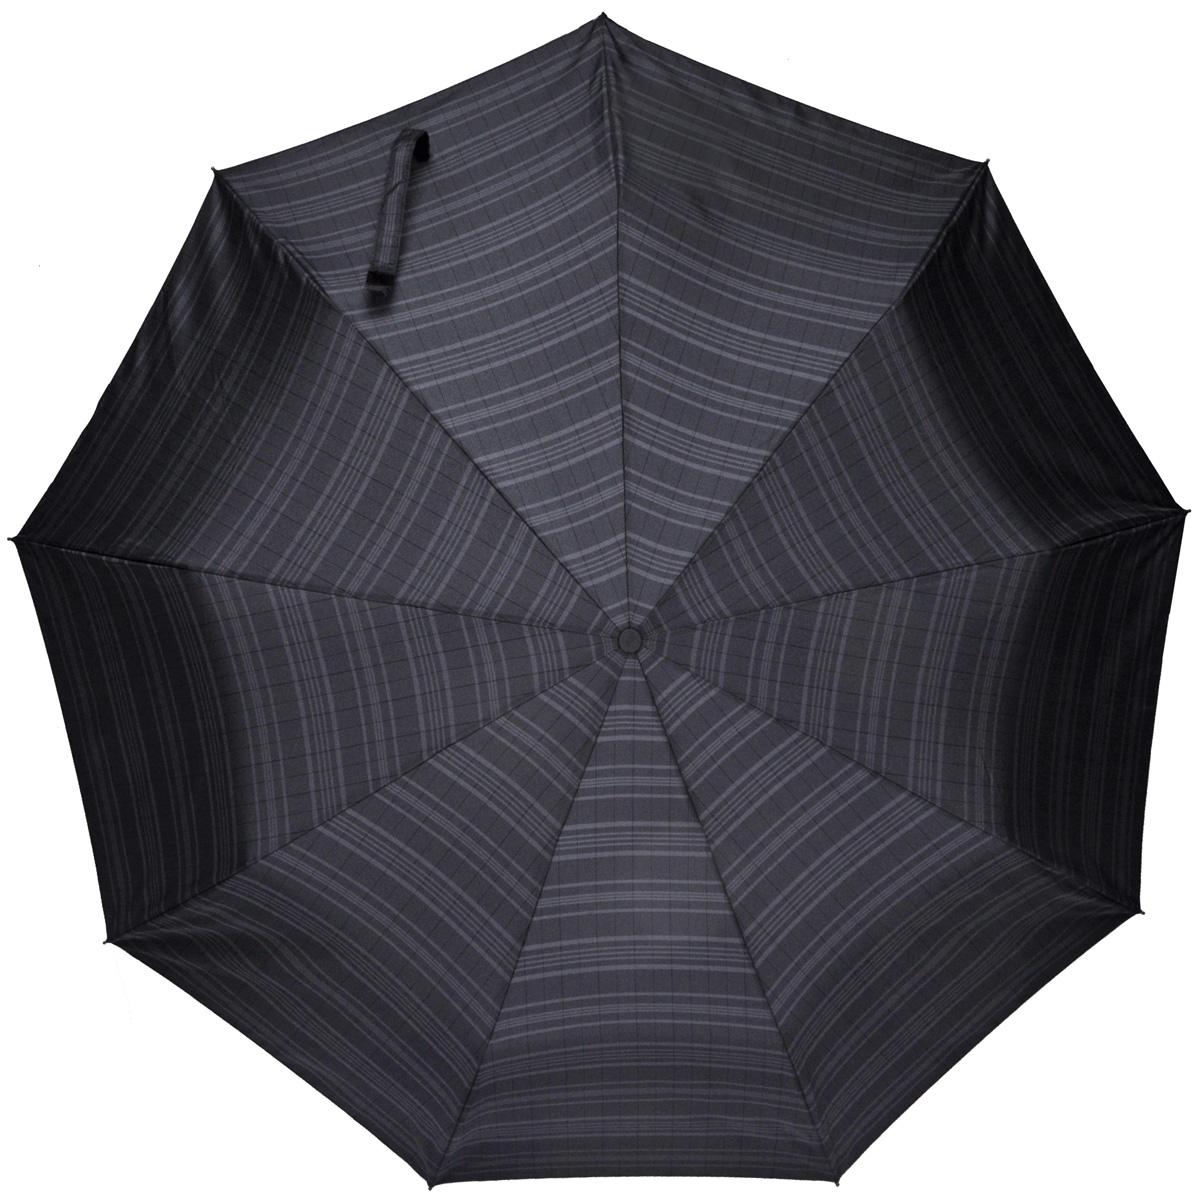 Зонт мужской Zest, автомат, 3 сложения, цвет: черный. 13943-513943-5Лаконичный автоматический зонт Zest в 3 сложения изготовлен из высокопрочных материалов. Каркас зонта состоит из 9 спиц из фибергласса и прочного алюминиевого стержня. Специальная система Windproof защищает его от поломок во время сильных порывов ветра. Купол зонта выполнен из прочного полиэстера с водоотталкивающей пропиткой и оформлен узором в клетку. Используемые высококачественные красители обеспечивают длительное сохранение свойств ткани купола. Рукоятка закругленной формы, разработанная с учетом требований эргономики, выполнена из пластика. Зонт имеет полный автоматический механизм сложения: купол открывается и закрывается нажатием кнопки на рукоятке, стержень складывается вручную до характерного щелчка. Благодаря этому открыть и закрыть зонт можно одной рукой, что чрезвычайно удобно при входе в транспорт или помещение. К зонту прилагается чехол. Такой зонт не только надежно защитит вас от дождя, но и станет стильным аксессуаром, который подчеркнет ваш...